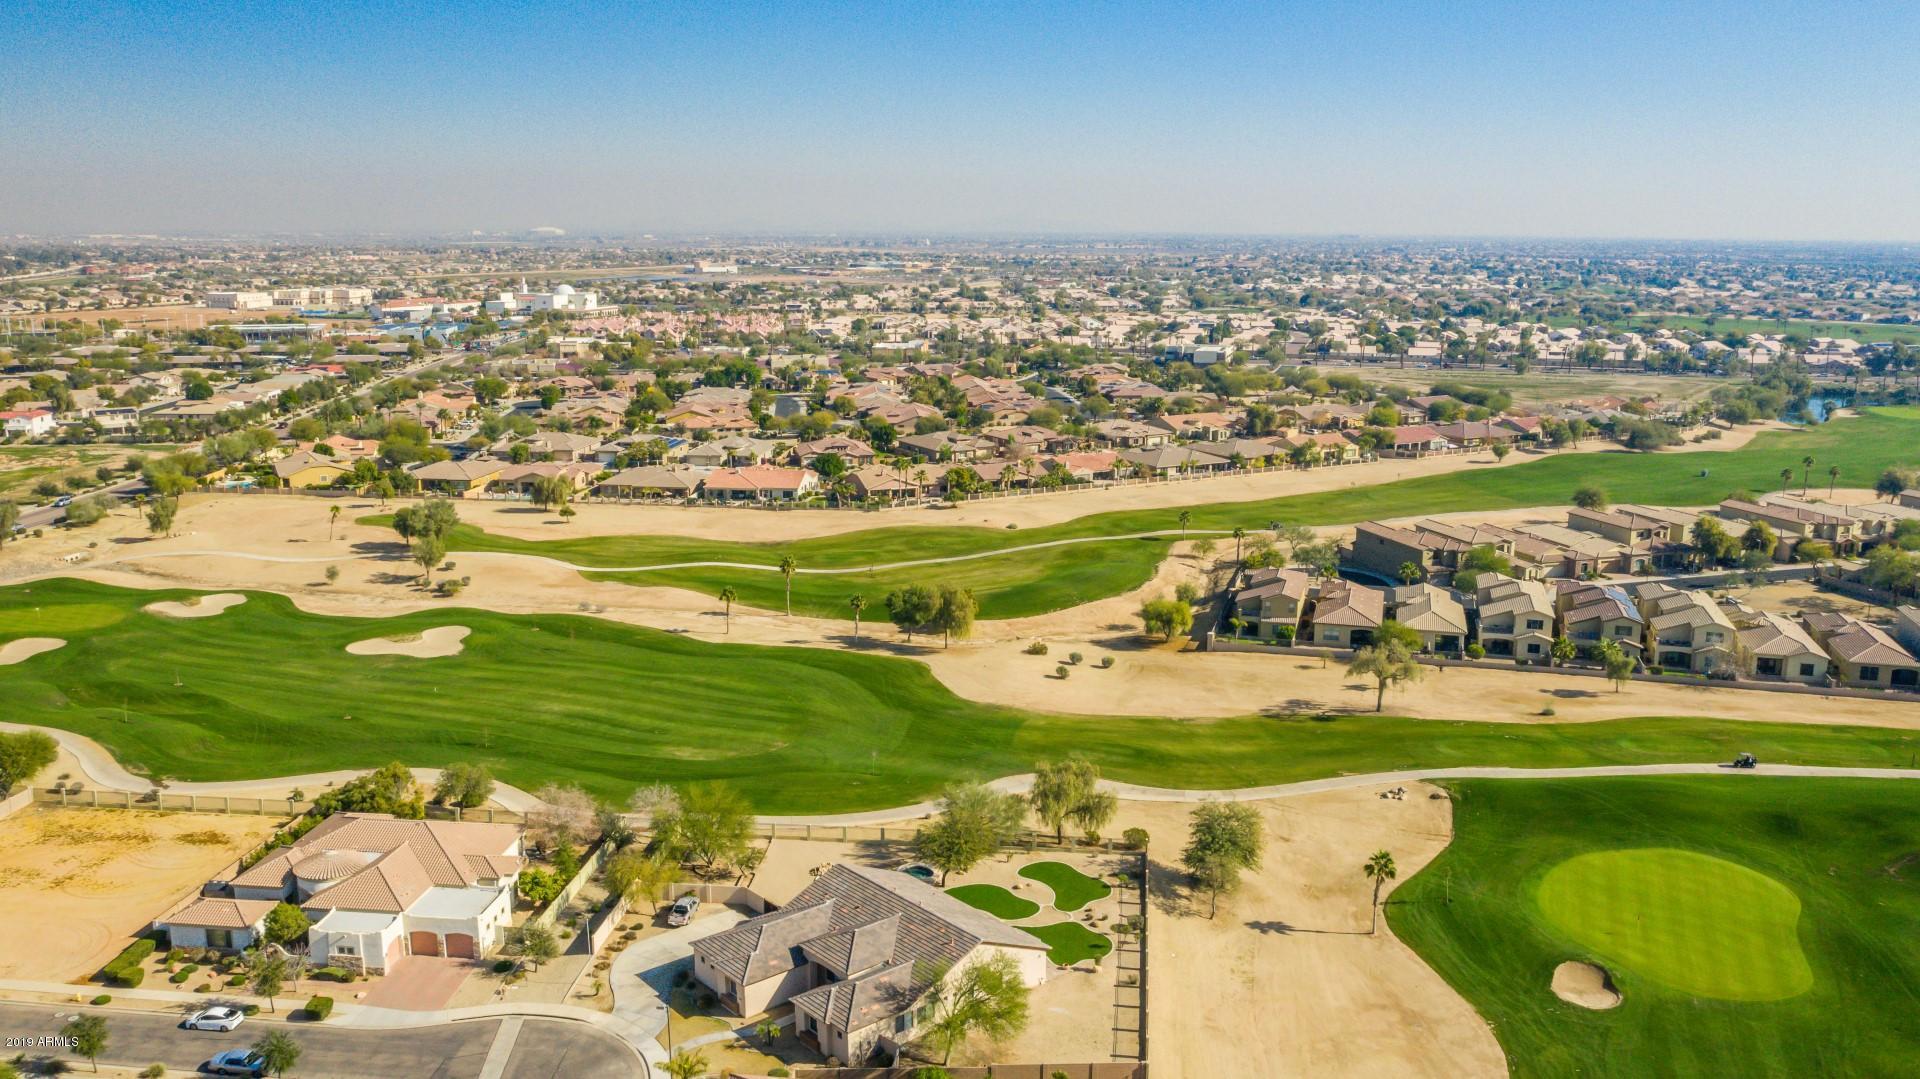 MLS 5870042 14247 W CAMBRIDGE Avenue, Goodyear, AZ 85395 Goodyear AZ Palm Valley